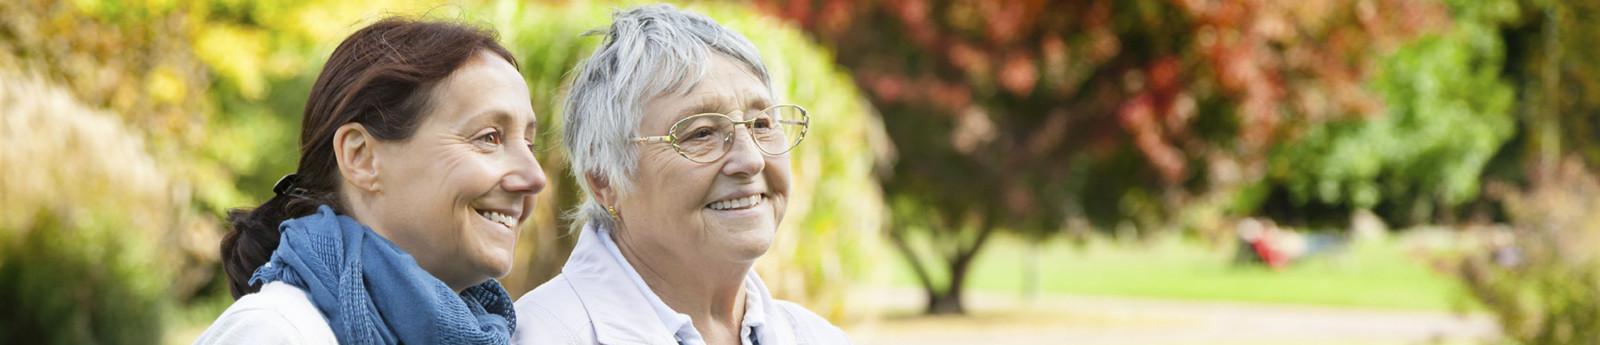 Grief & Healing | Wm. Sullivan & Son Funeral Directors